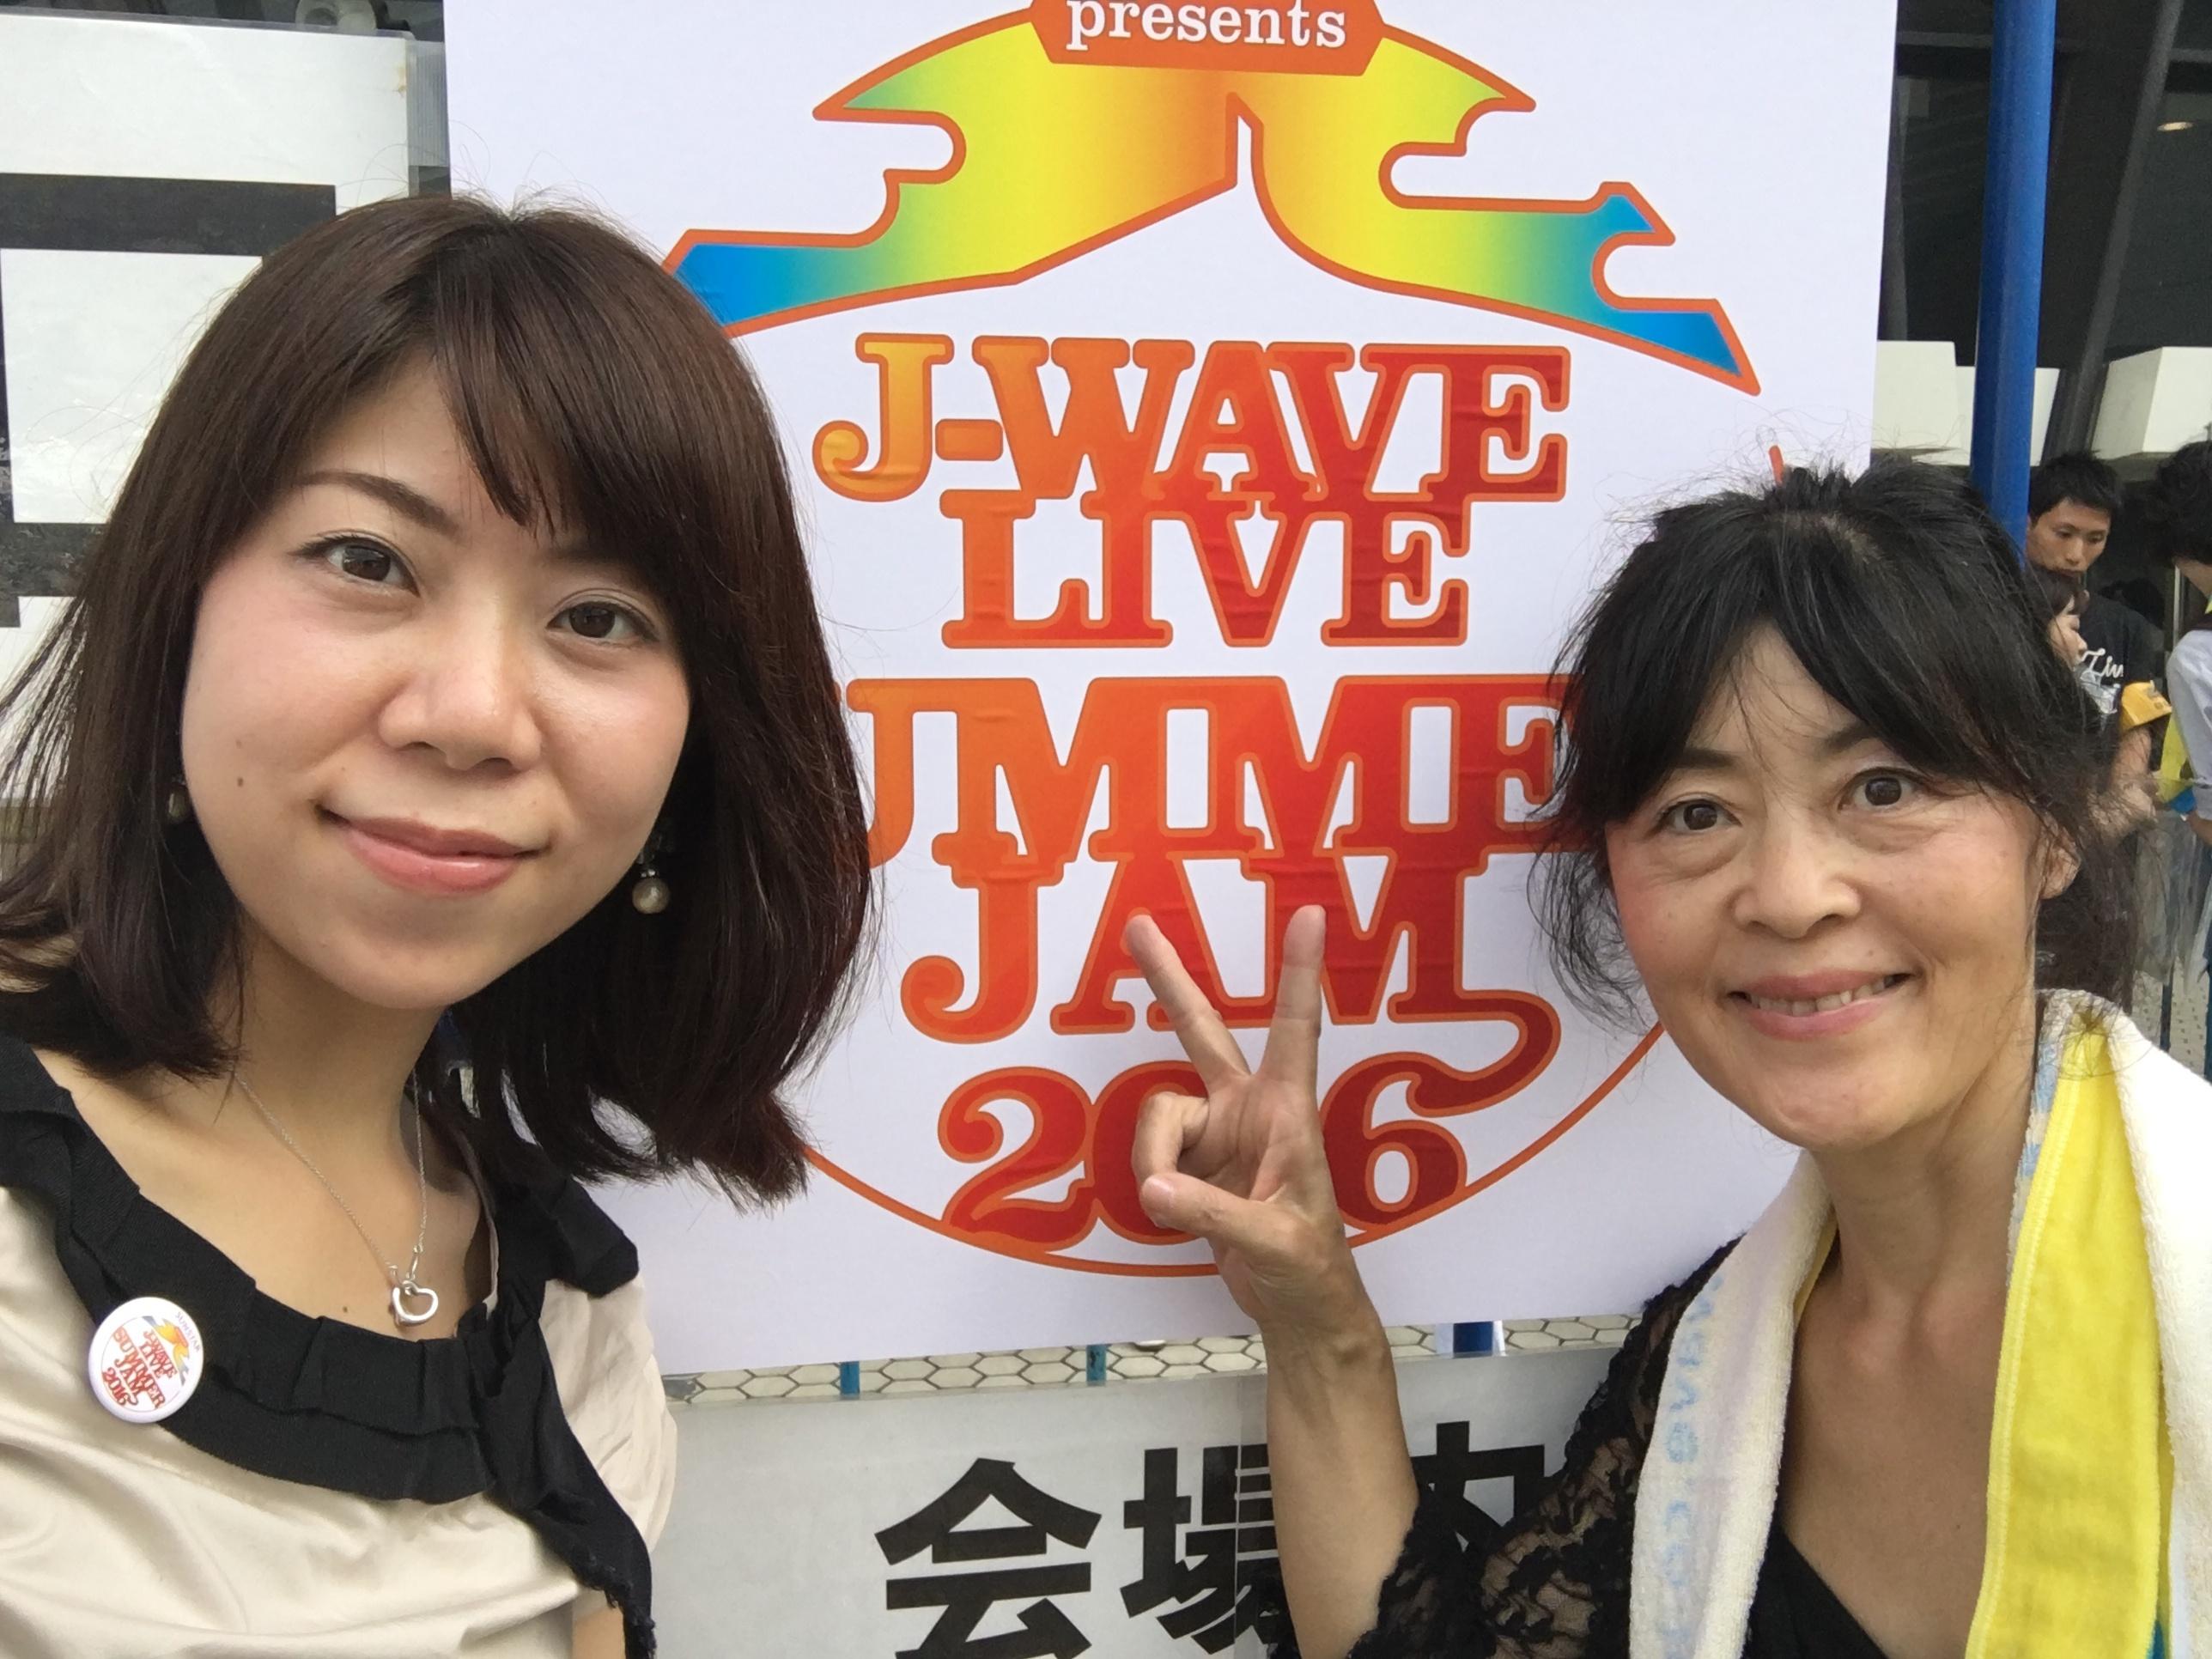 表参道散策&Jwaveライブ♪_2